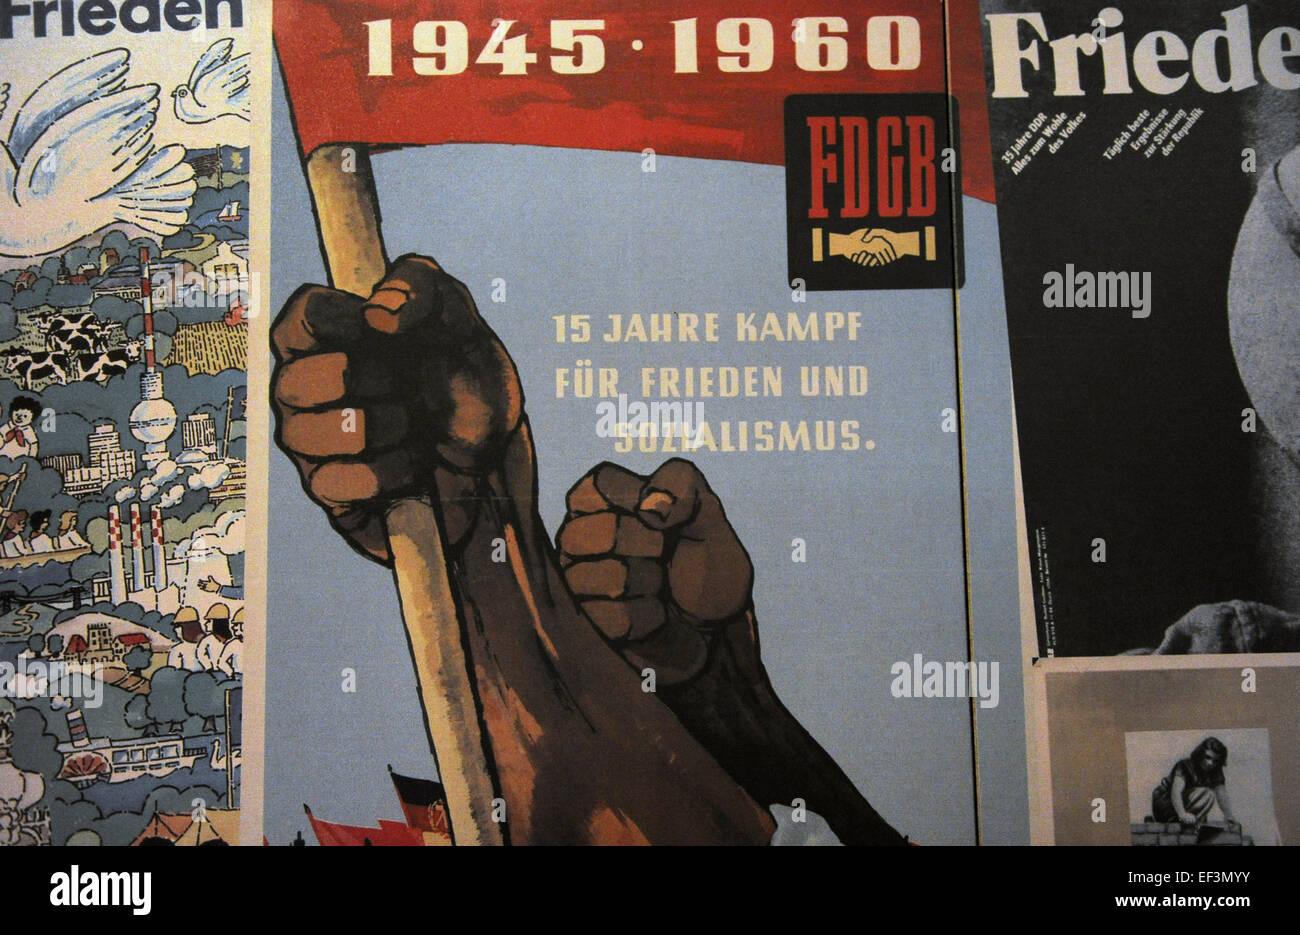 Guerre froide. Bloc de l'Est. Publications de propagande communiste. L'Allemagne de l'Est. DDR Museum. Photo Stock